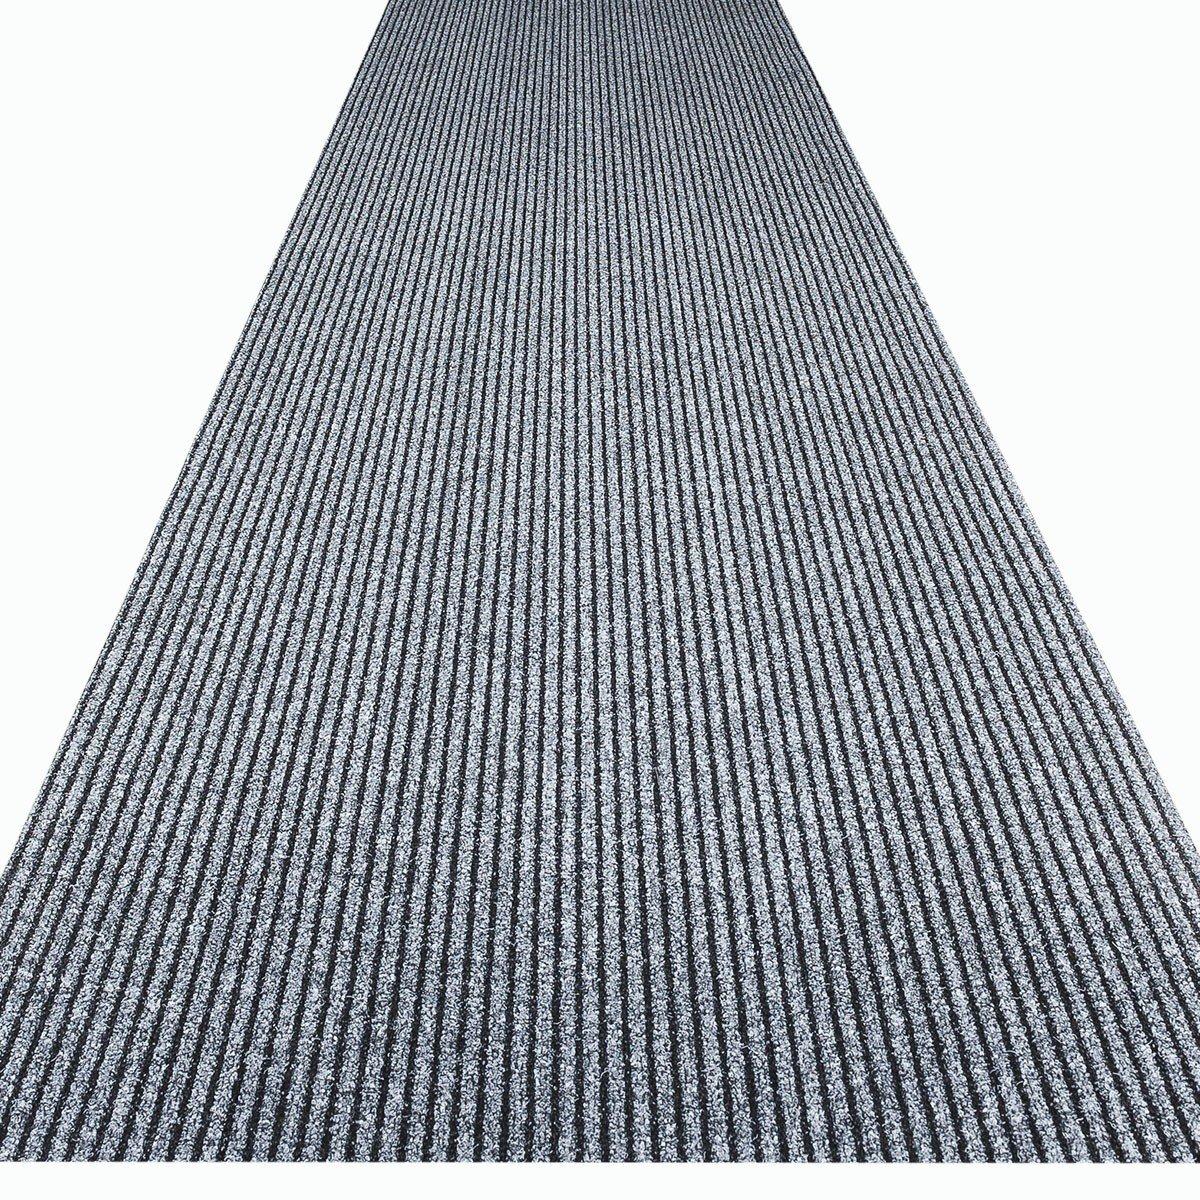 Havatex Küchenteppich Küchenmatte   Teppichläufer Event - schadstoffgeprüft   pflegeleicht strapazierfähig schmutzabweisend   Küche Flur Büro Eingang Diele, Farbe Grau, Größe 100 x 600 cm